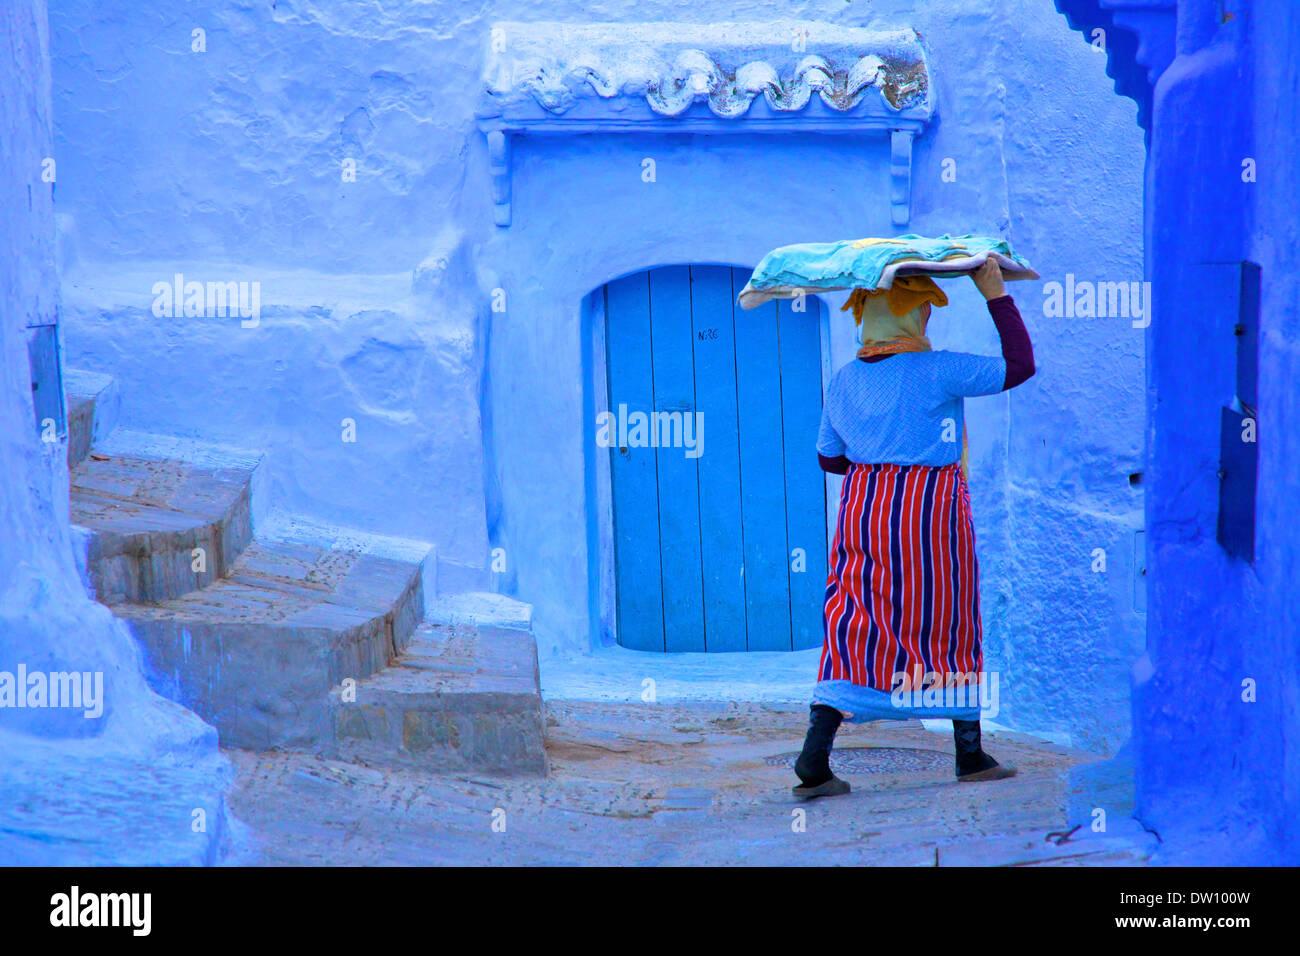 Mulher em roupas tradicionais transportando uma bandeja de massa de pão, Chefchãouen, Marrocos, África Imagens de Stock